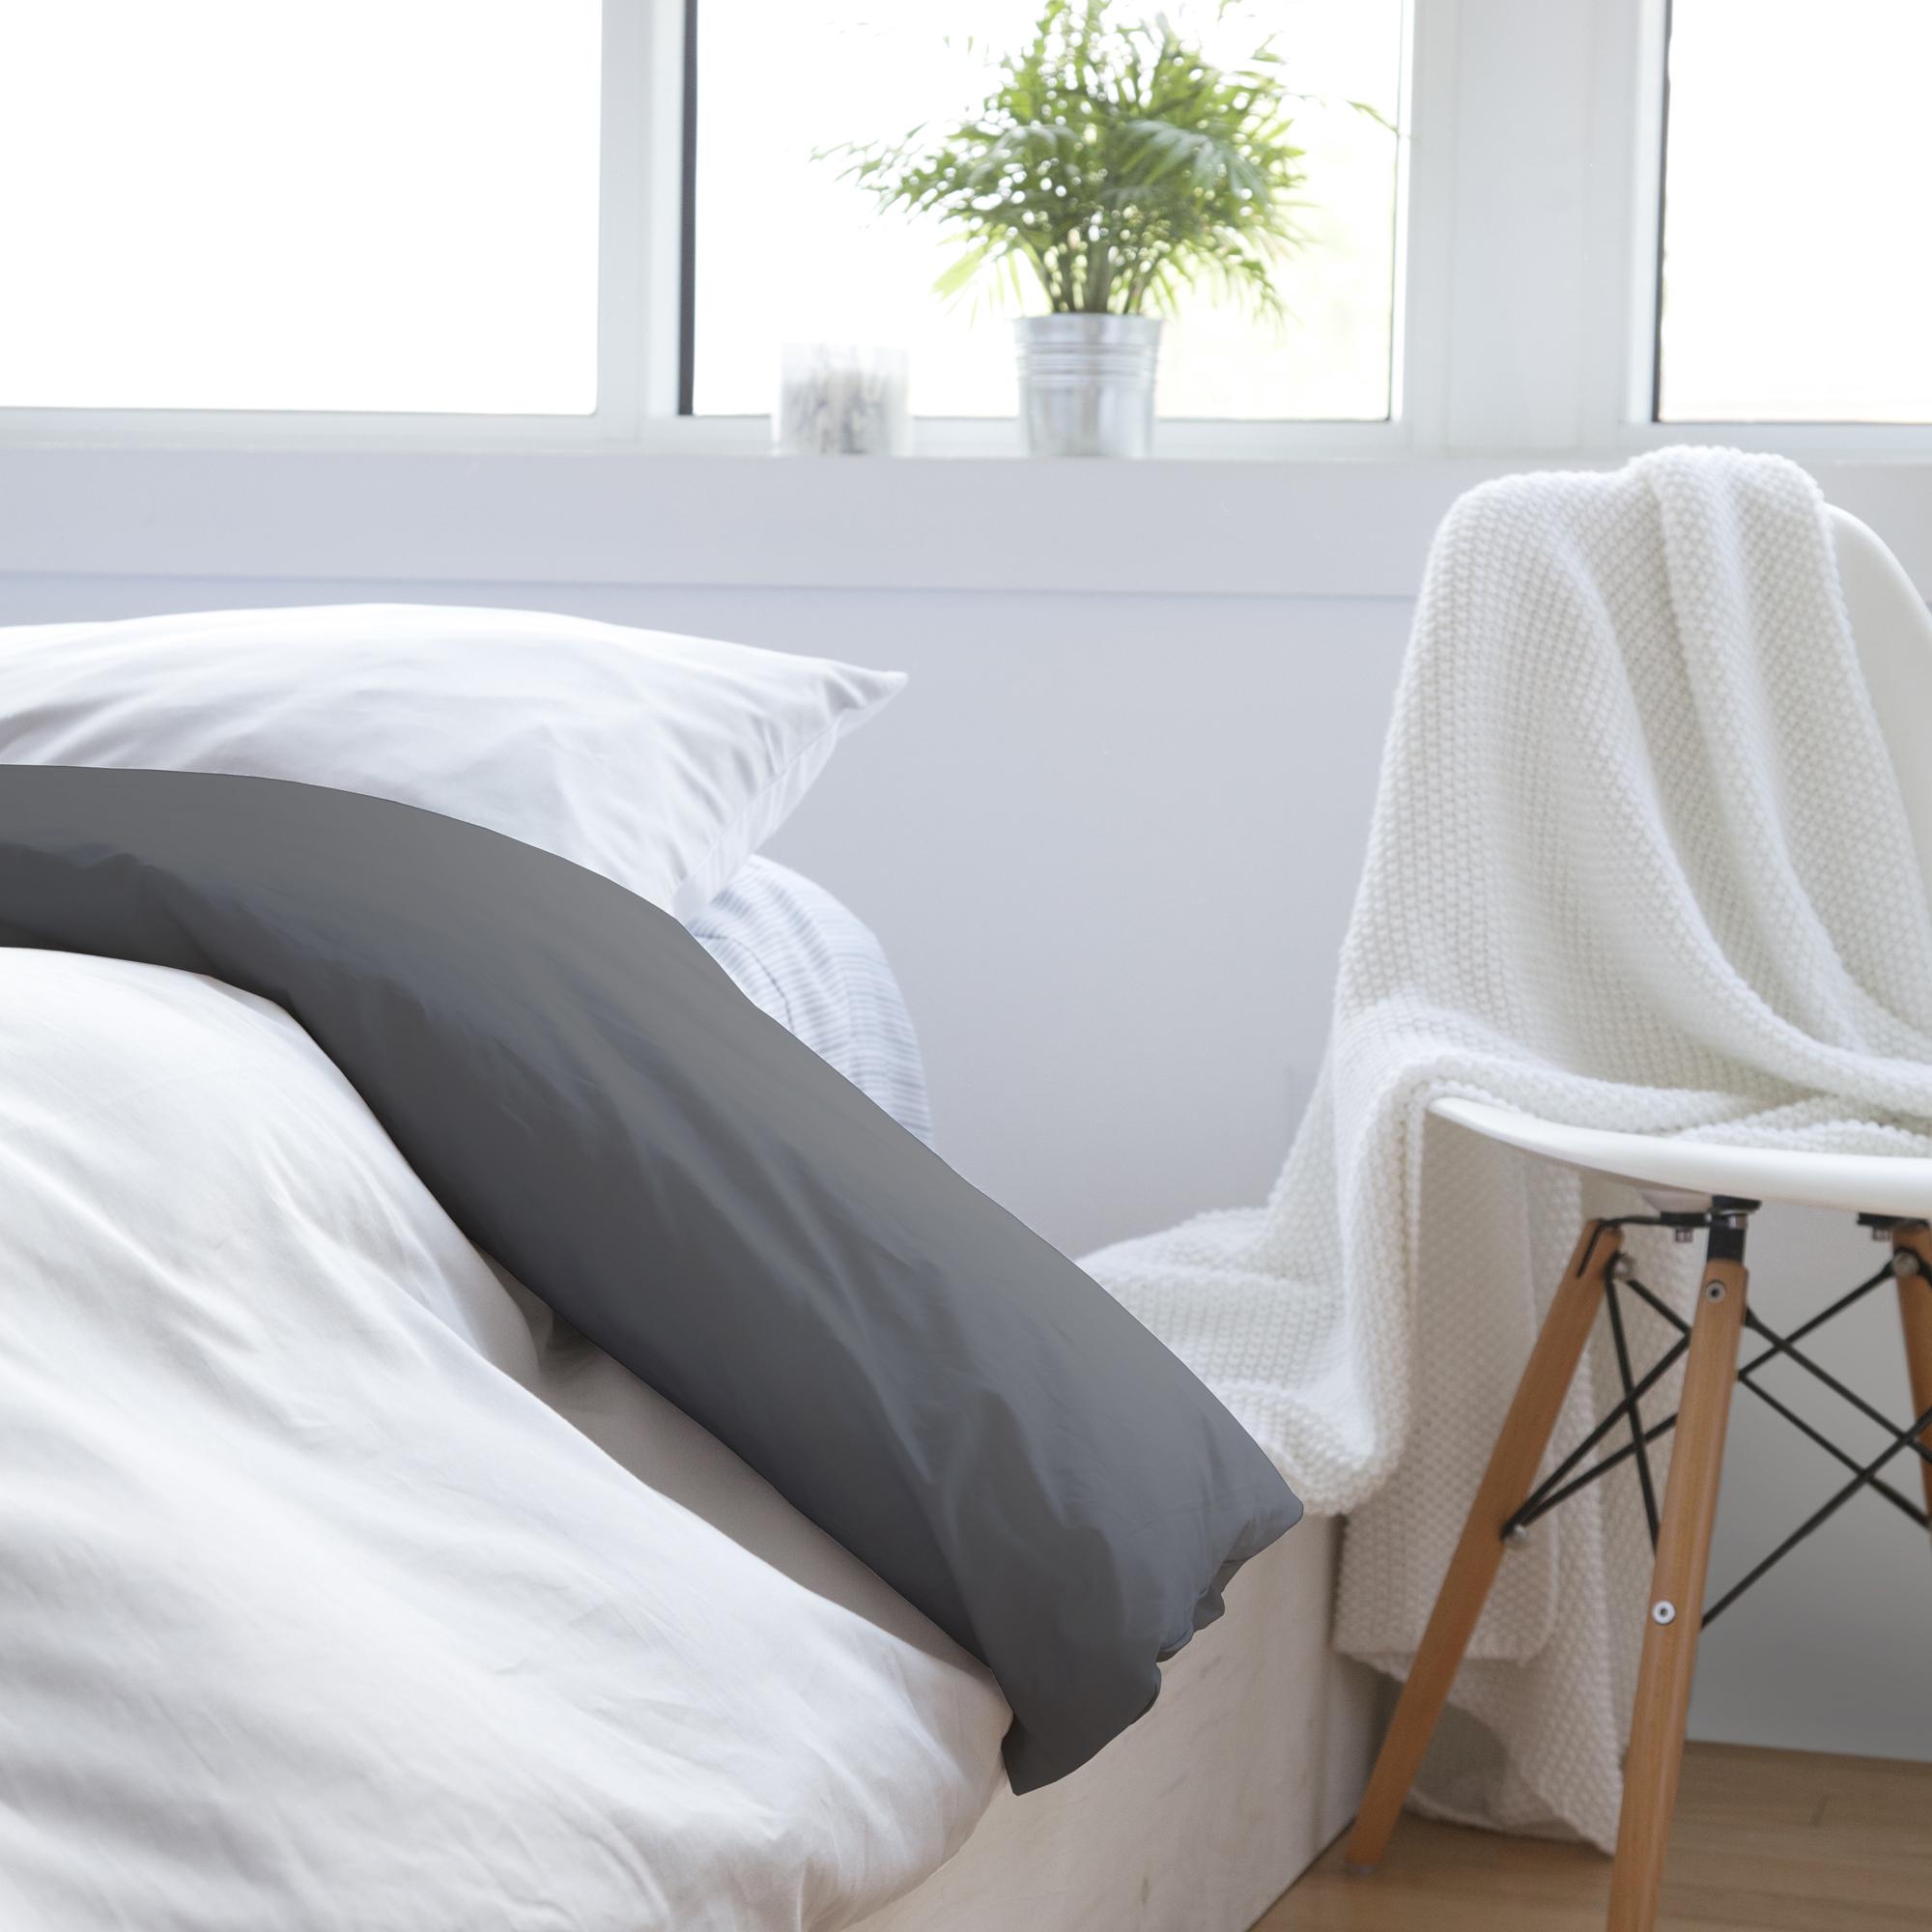 housse de couette r versible gris fonc blanc laduvet nordique couette de lit housse. Black Bedroom Furniture Sets. Home Design Ideas